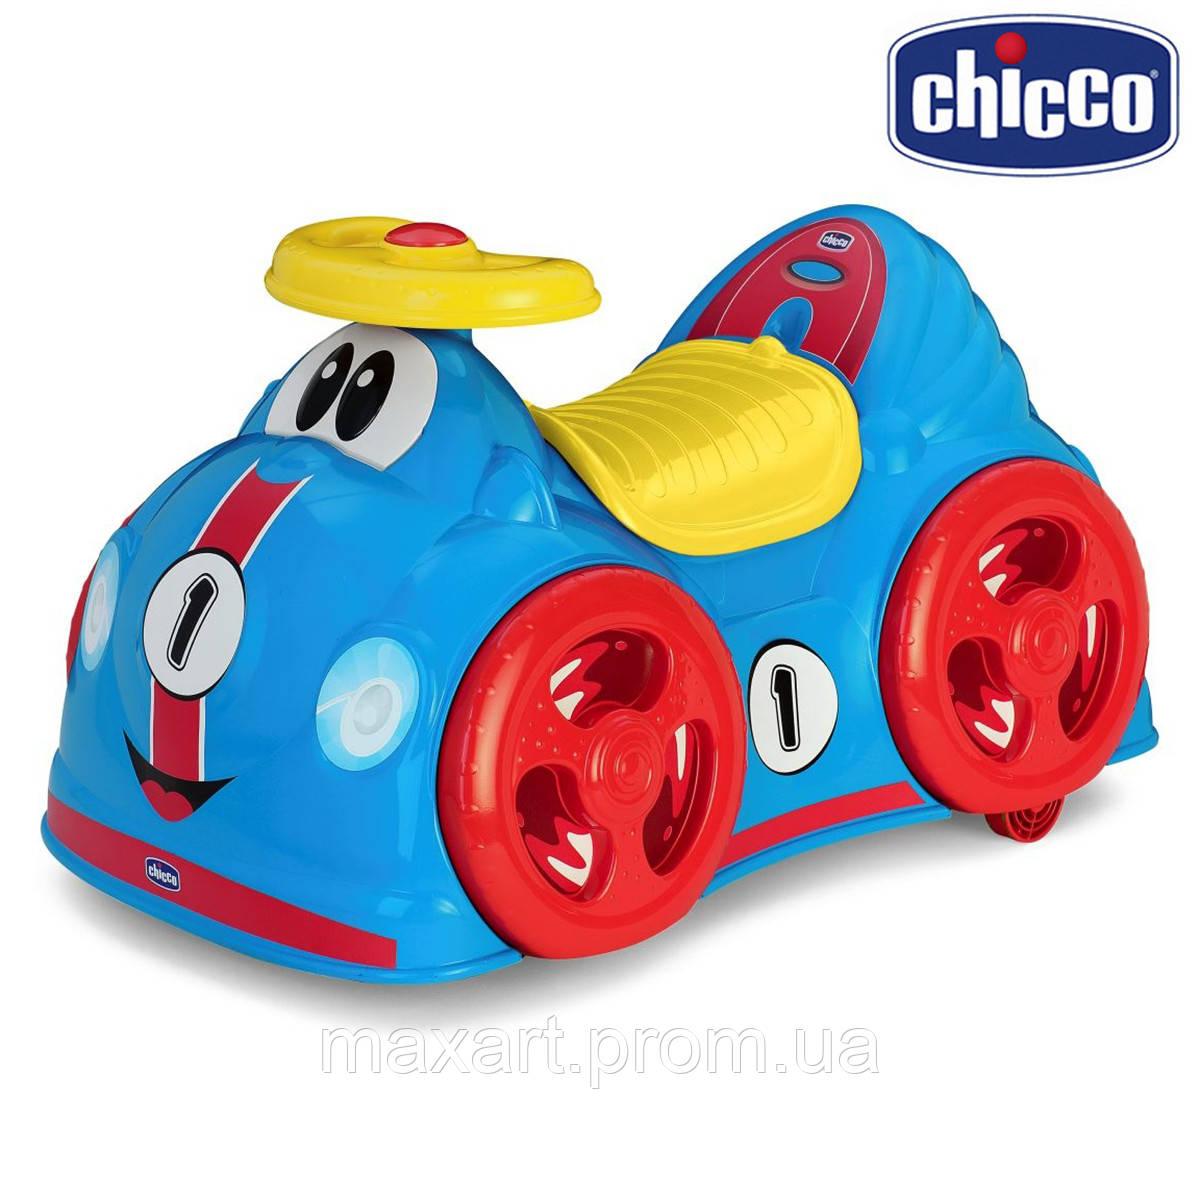 Каталка Chicco - 360 Ride On (07347.02)